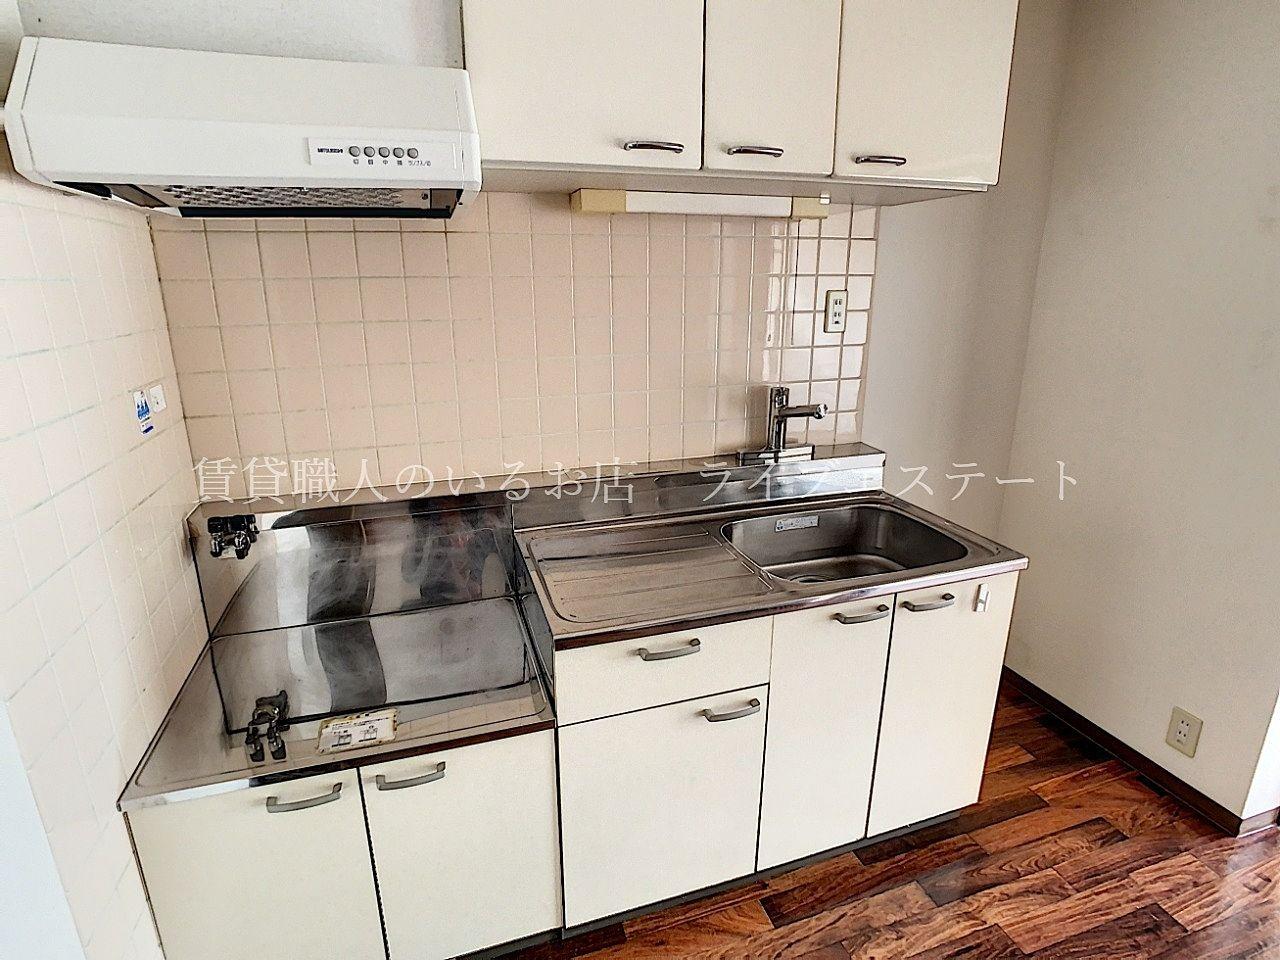 壁付キッチンはダイニングスペースを広く使えて便利